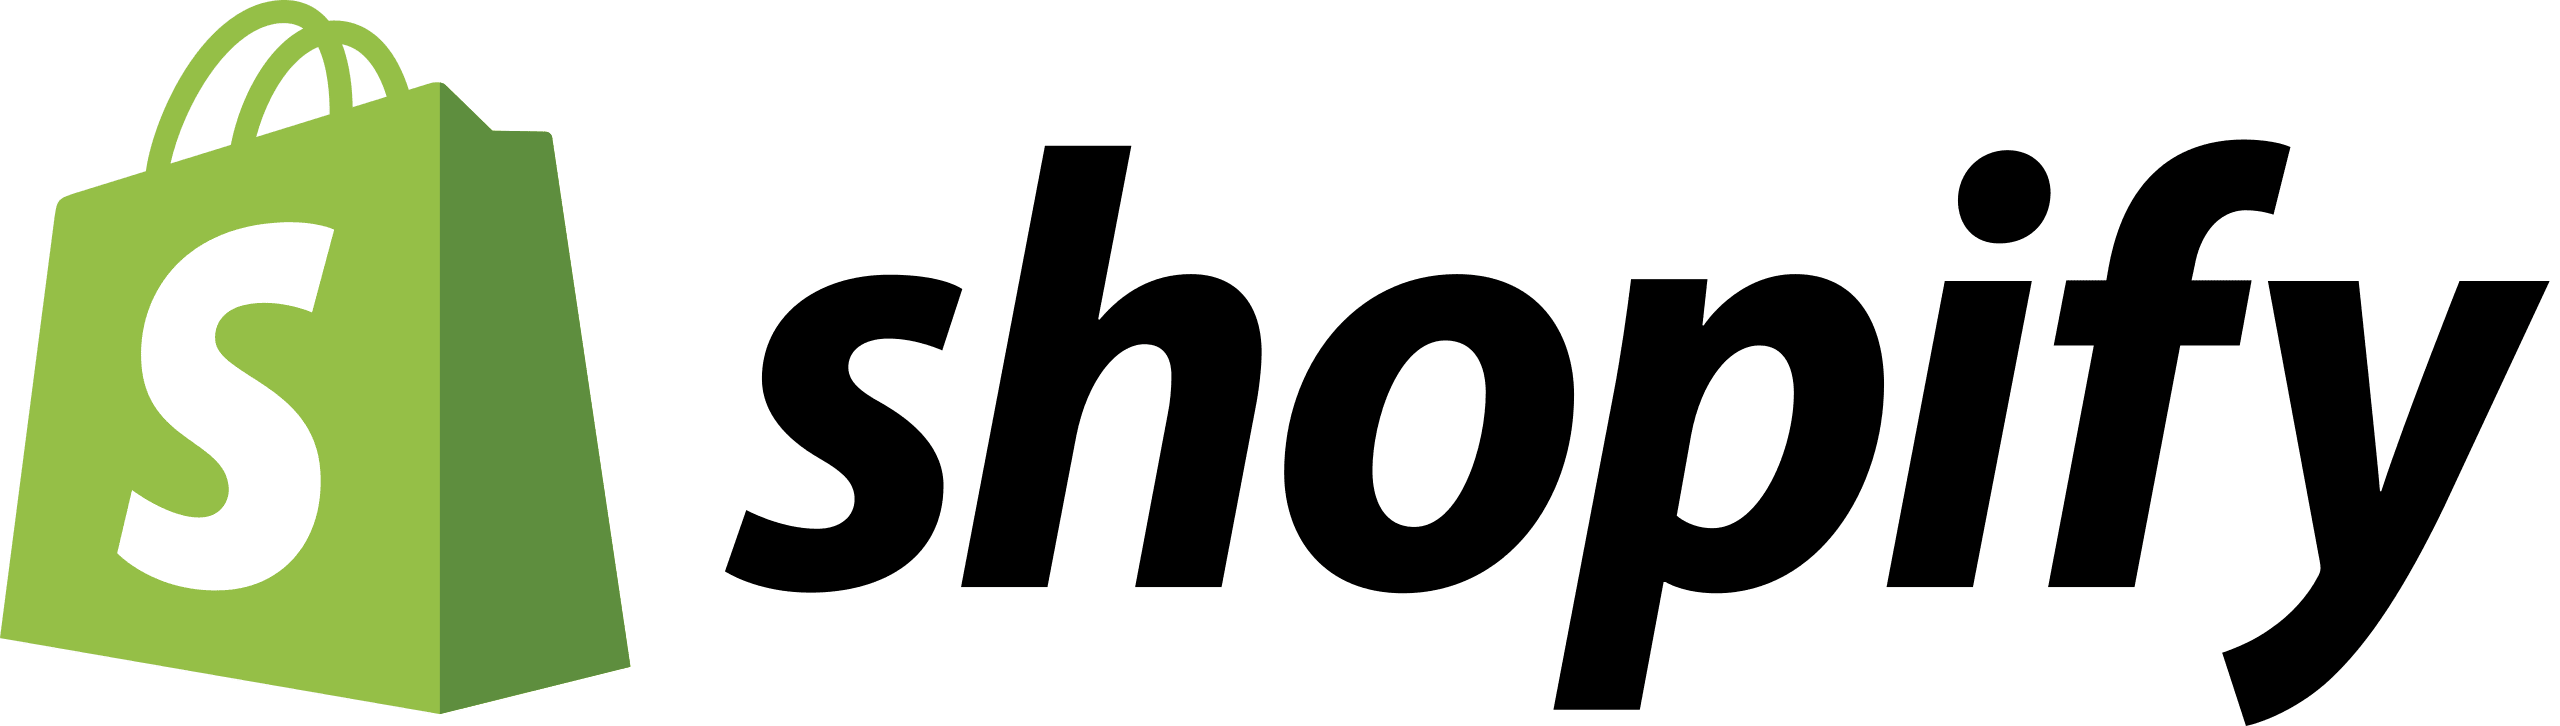 create a Shopify store: Shopify Logo